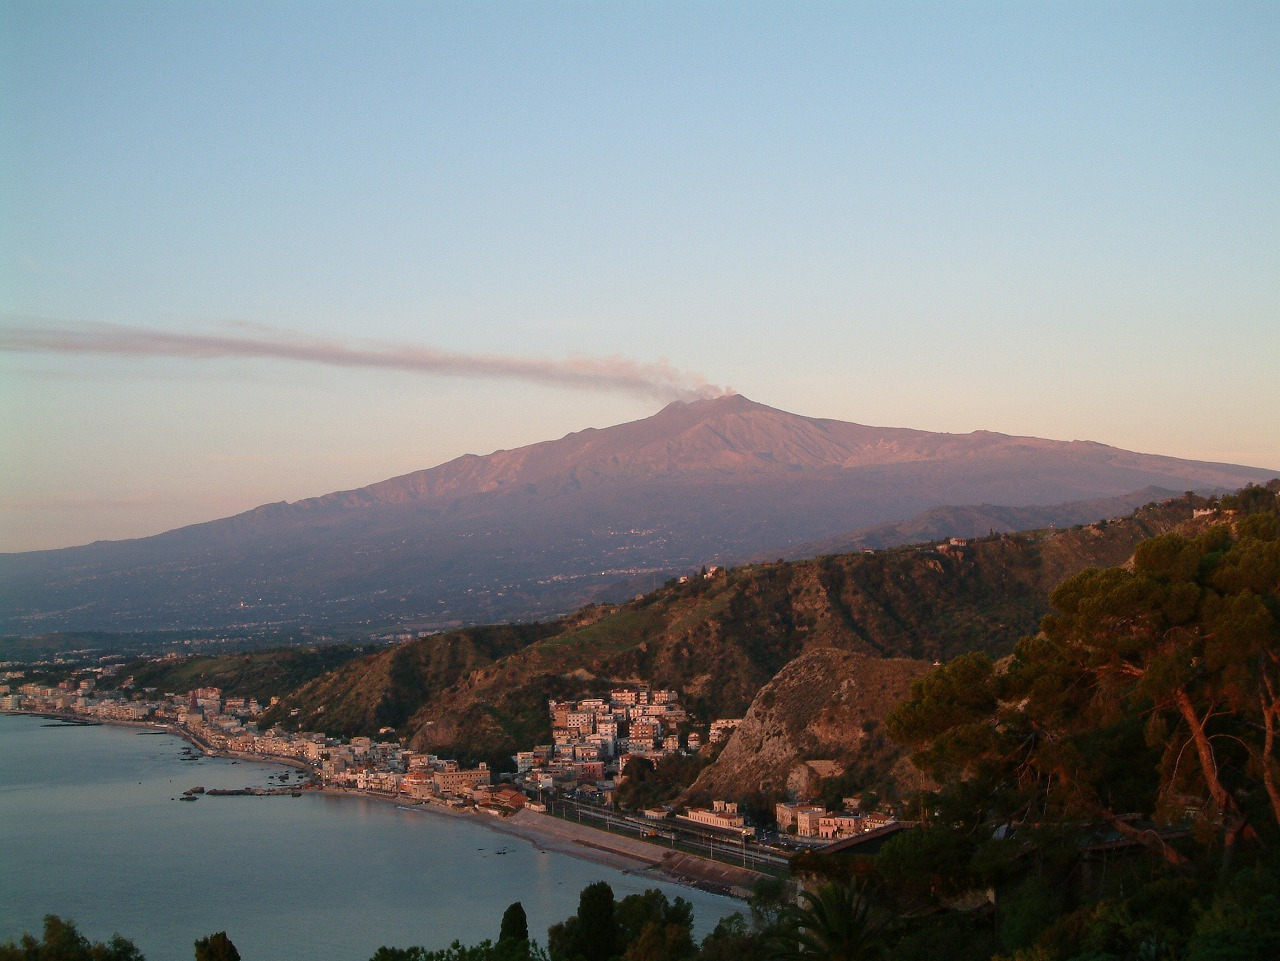 タオルミーナから見たエトナ山、シチリア島